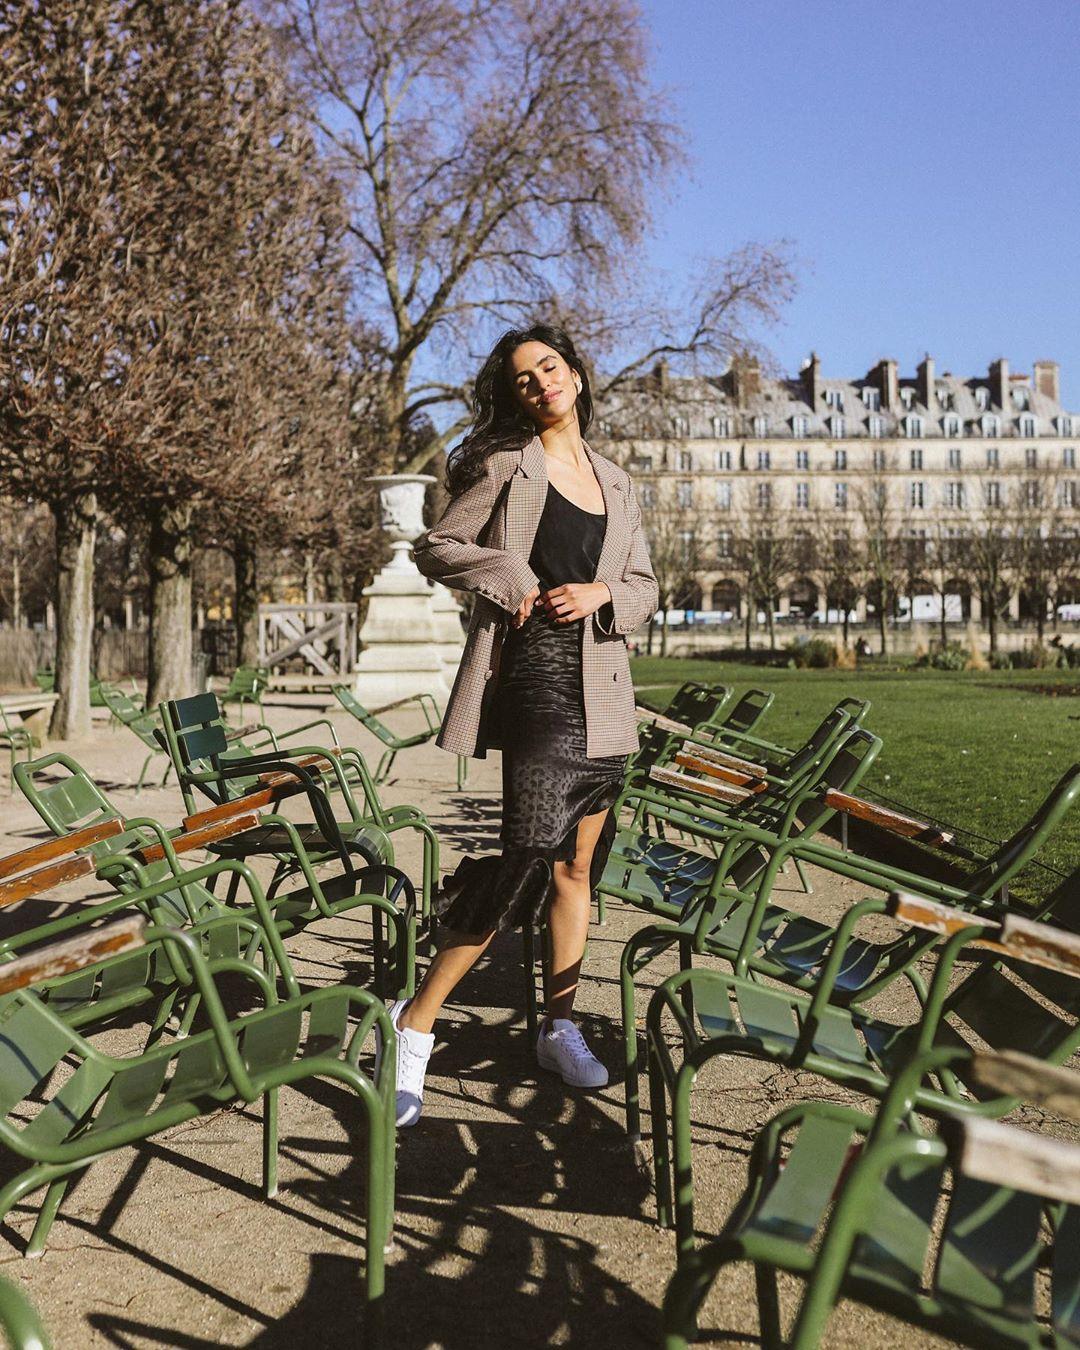 Tín đồ thời trang Pháp Juny Breeze mặc blazer, chân váy bút chì và giày sneakers trắng